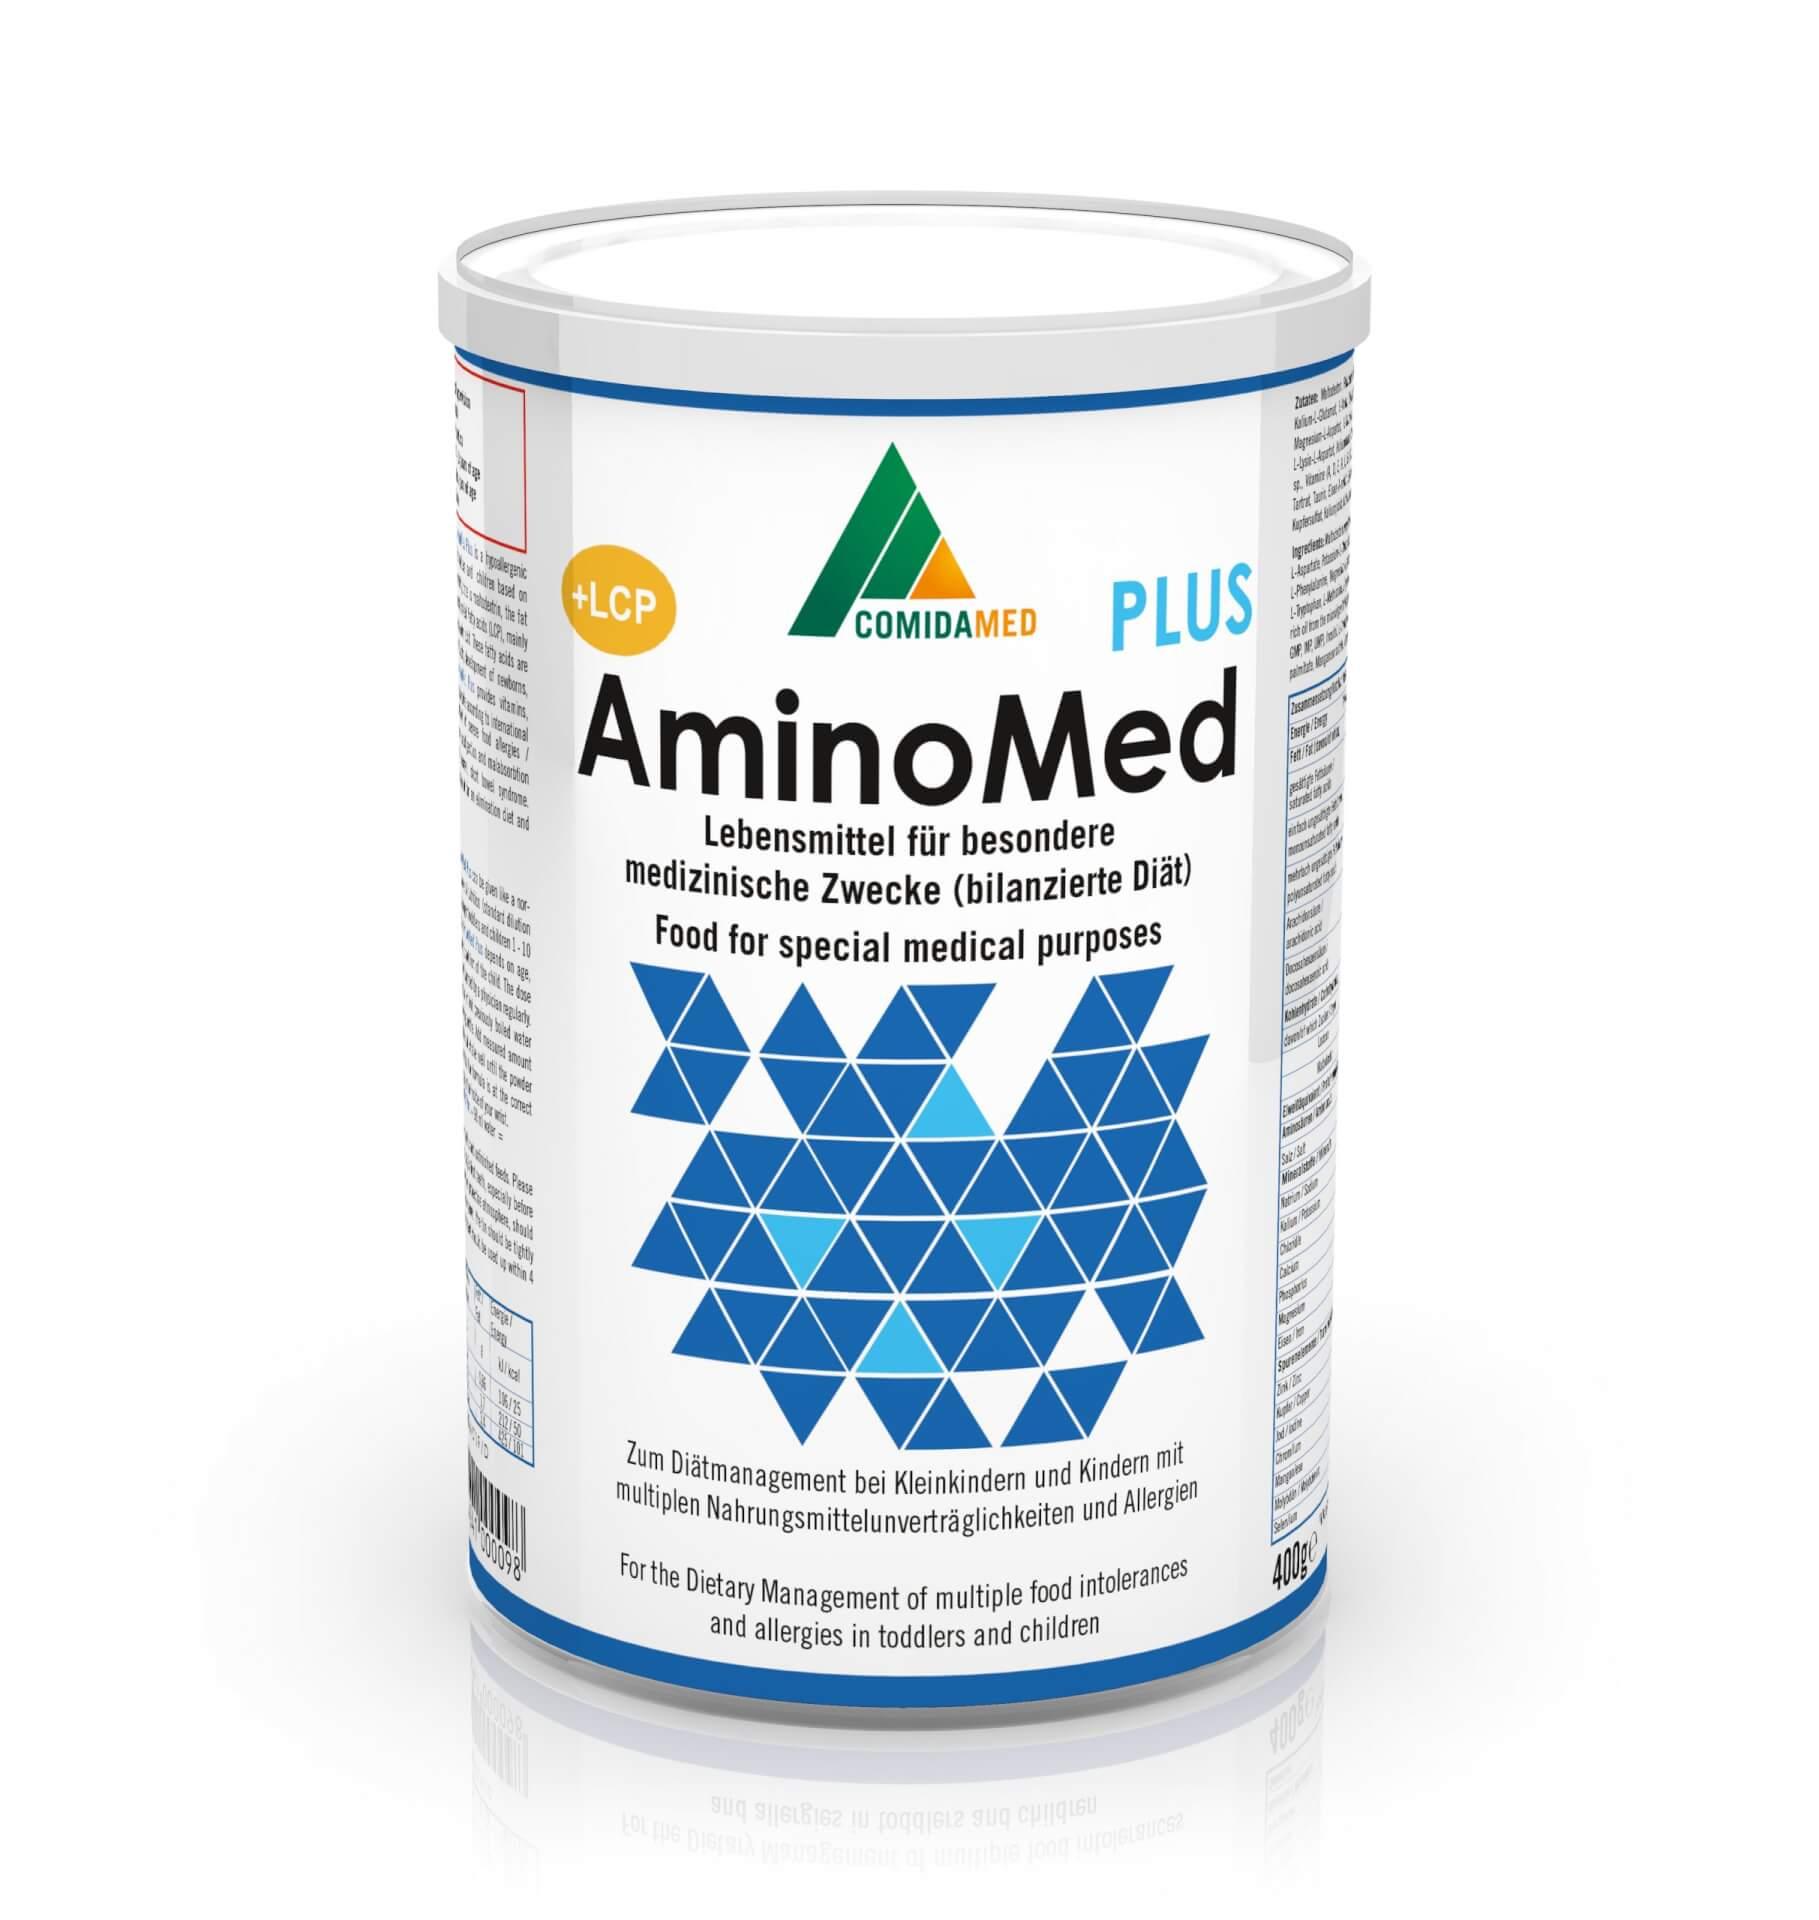 AminoMed Plus